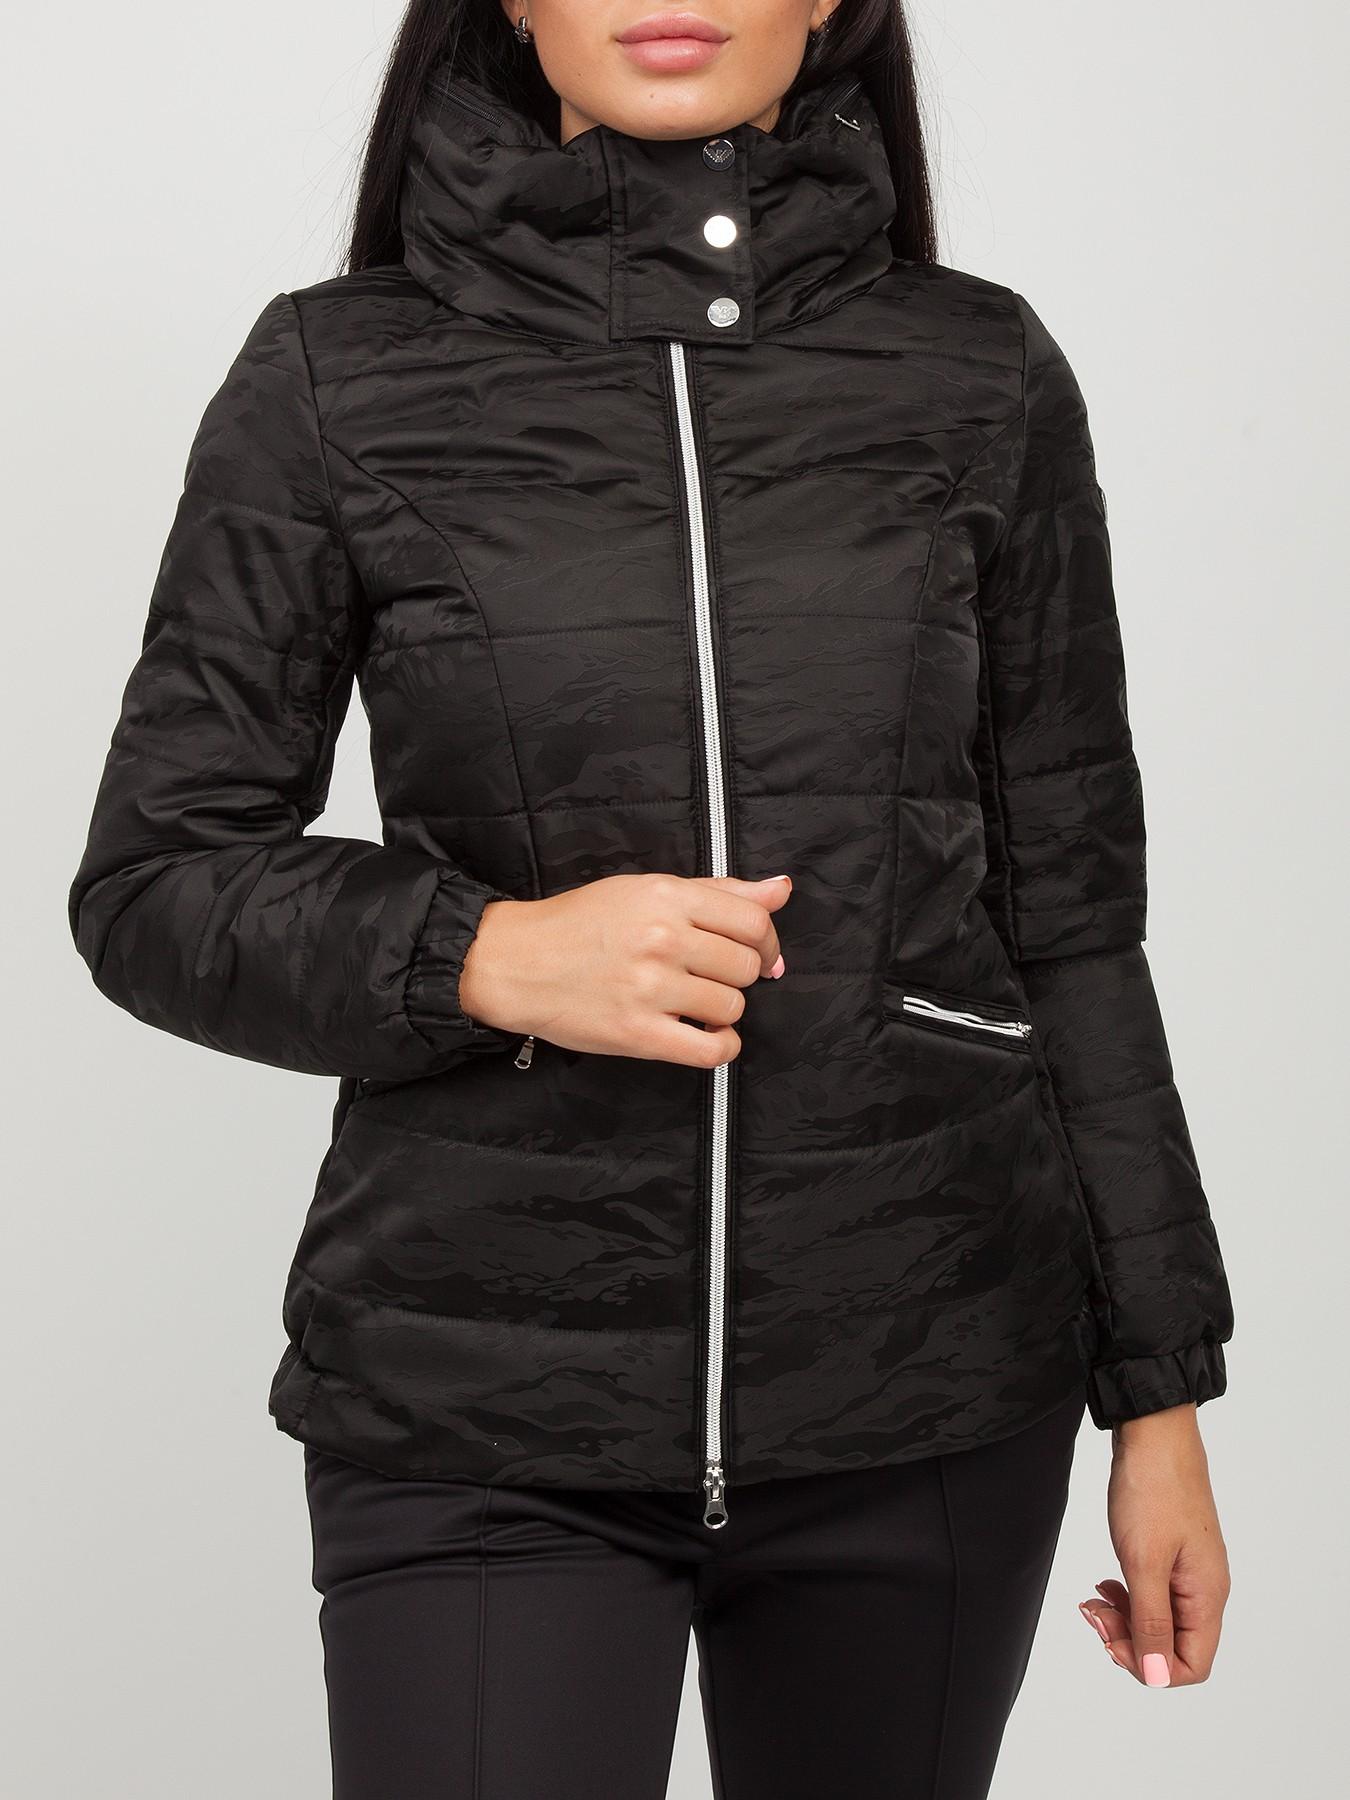 83e0b3595560 Куртка женская EMPORIO ARMANI. Загрузка изображения